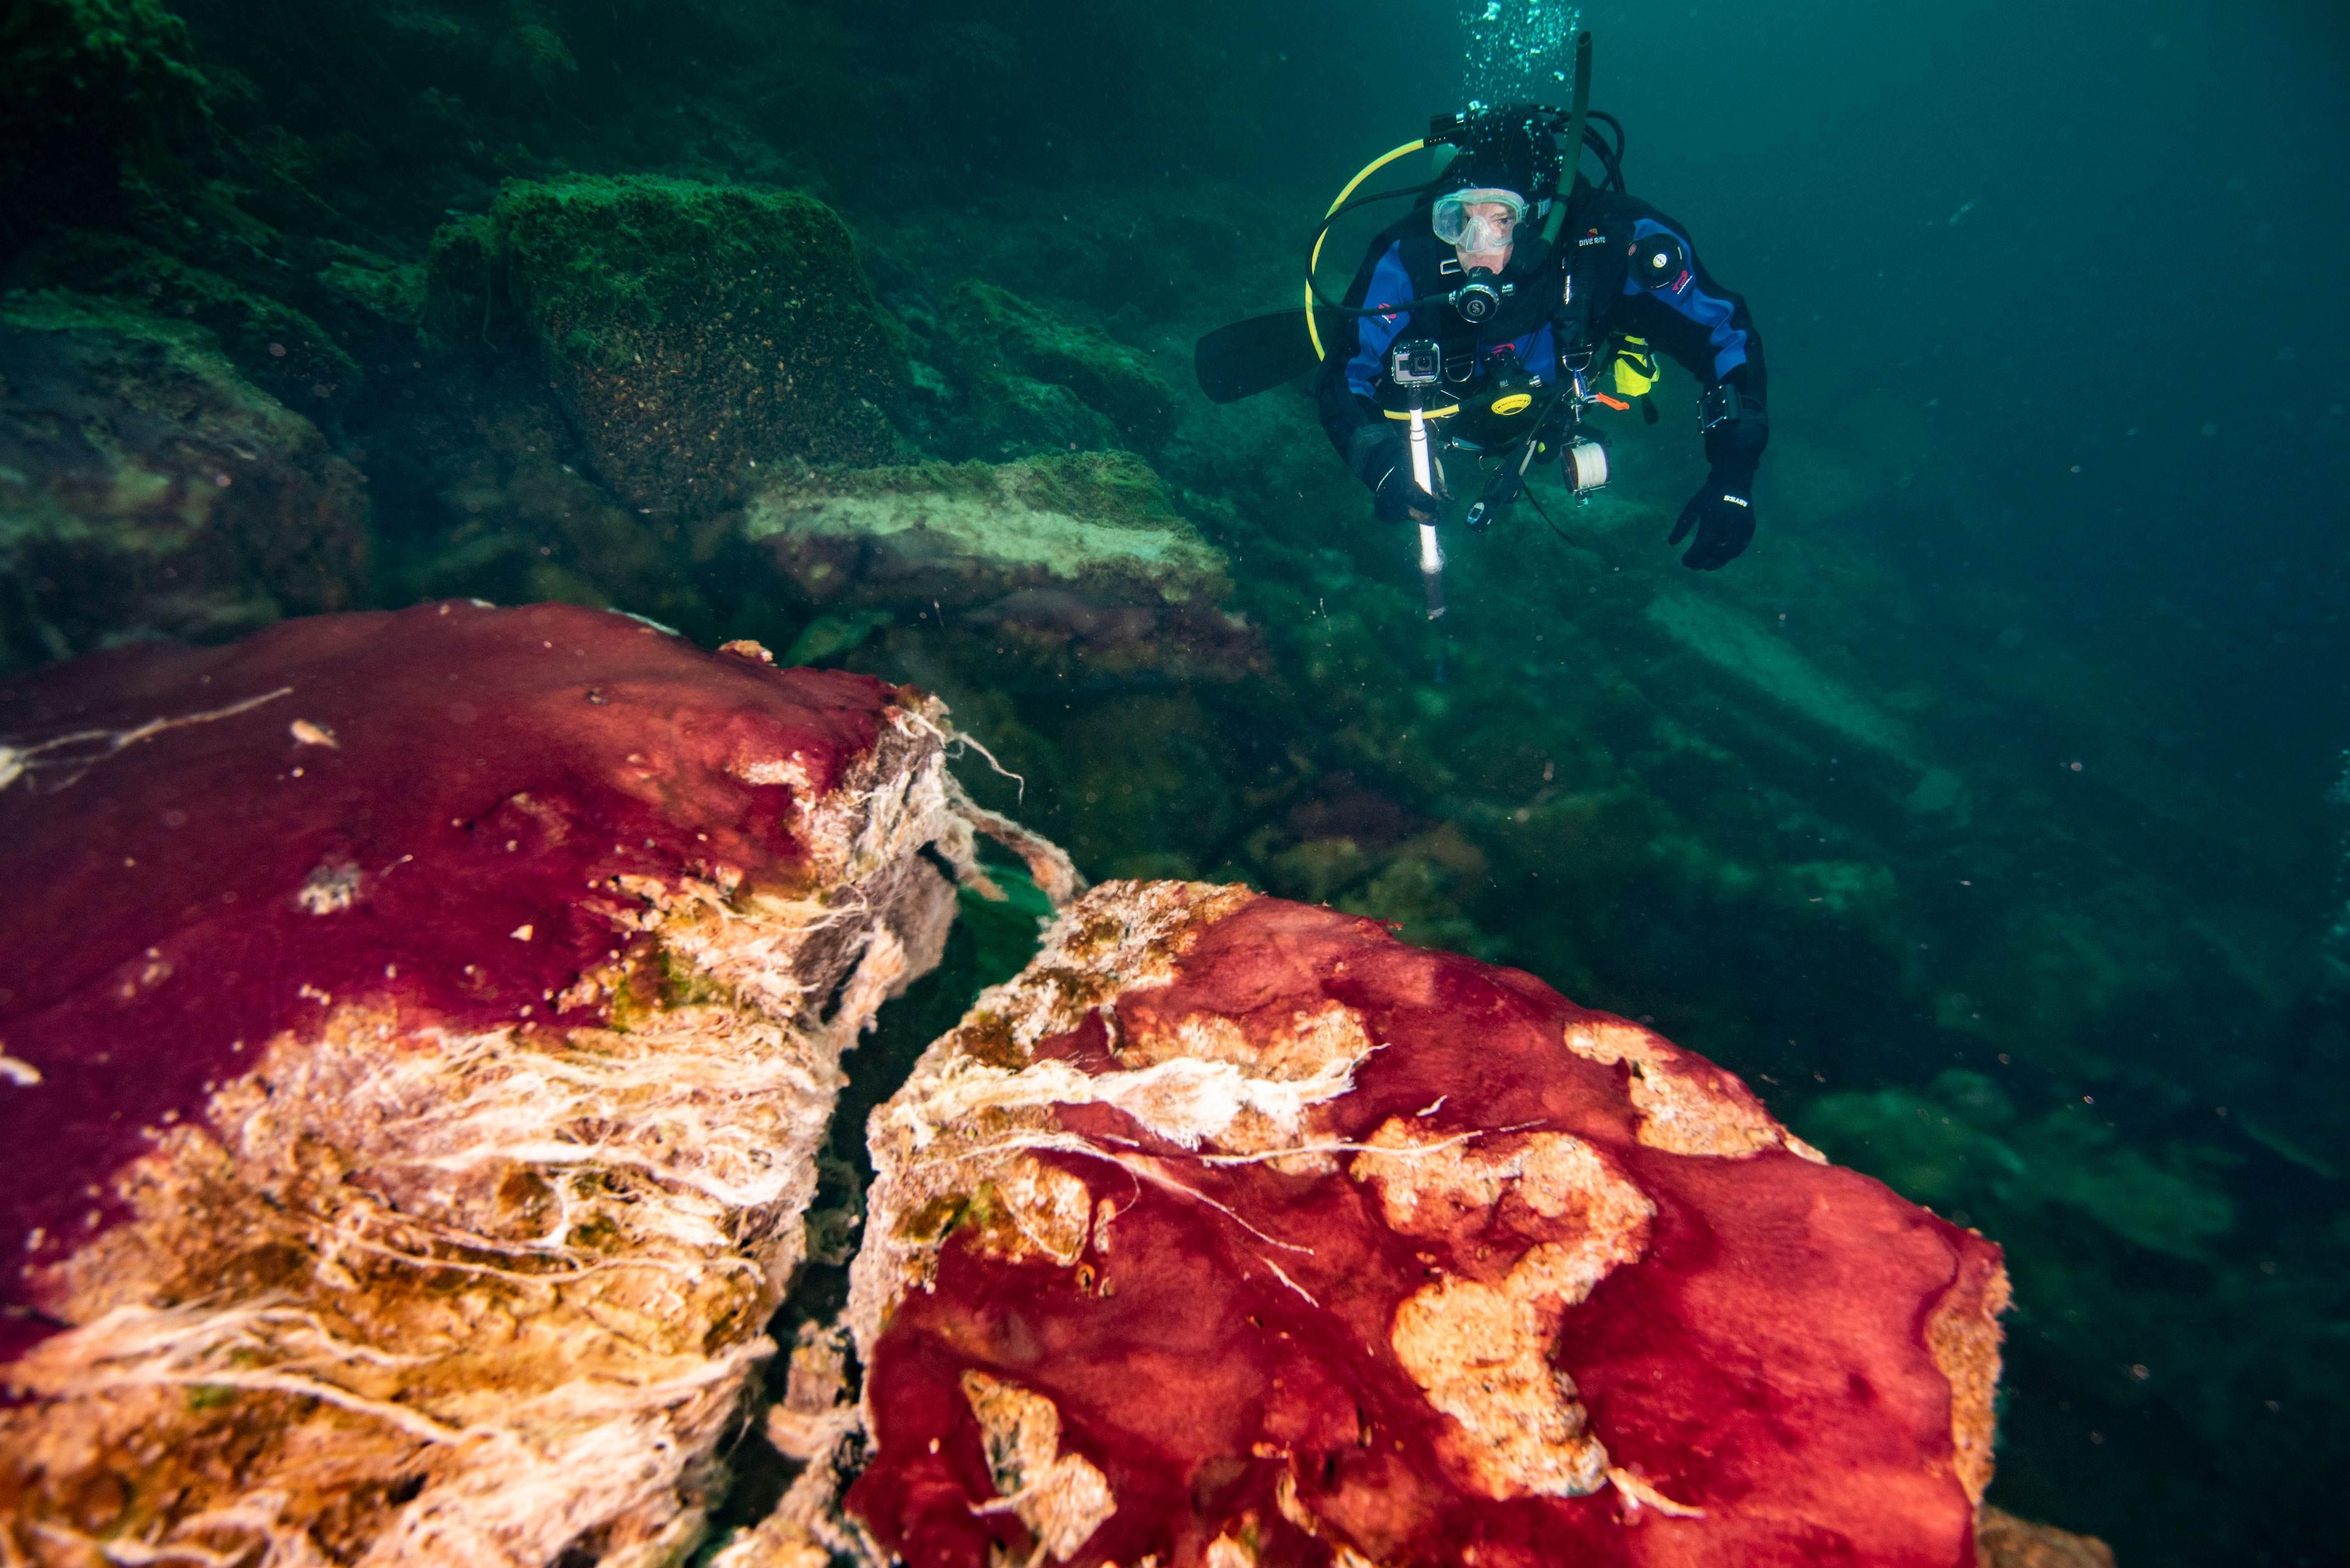 Um mergulhador observa os micróbios no Lago Huron